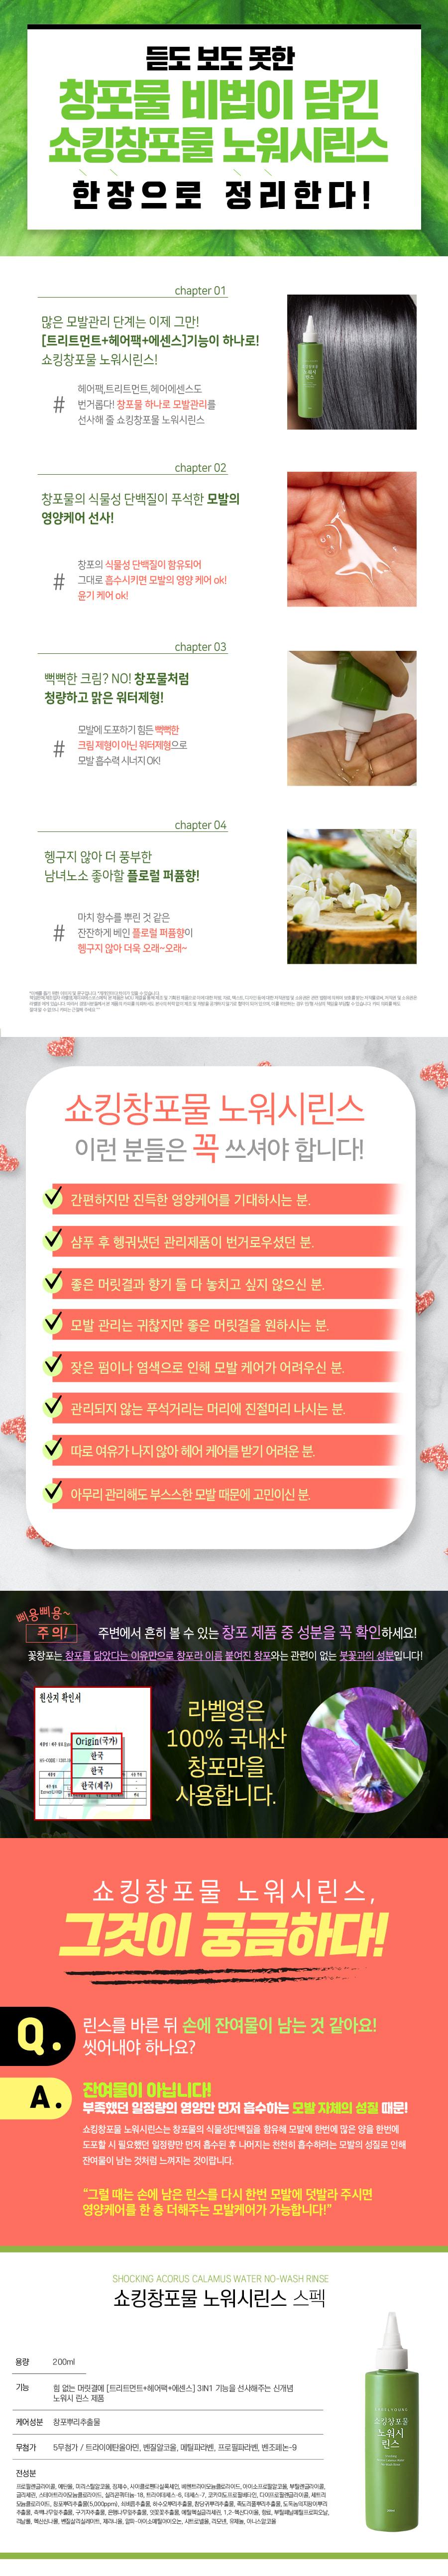 쇼킹창포물노워시린스 - 라벨영, 30,000원, 헤어케어, 샴푸/린스